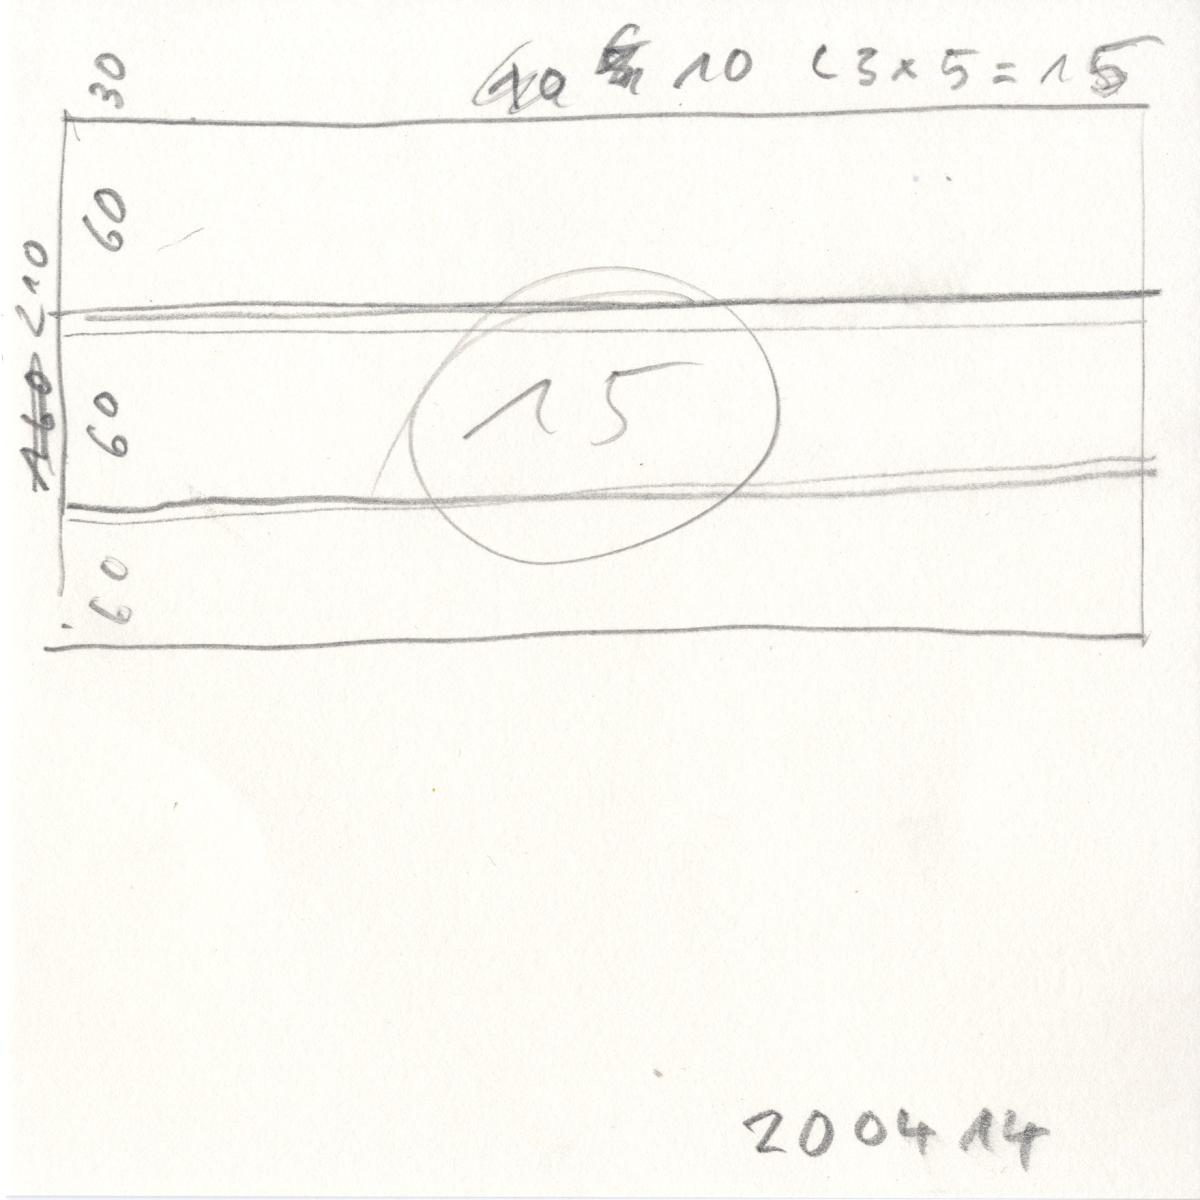 cdia_200414a